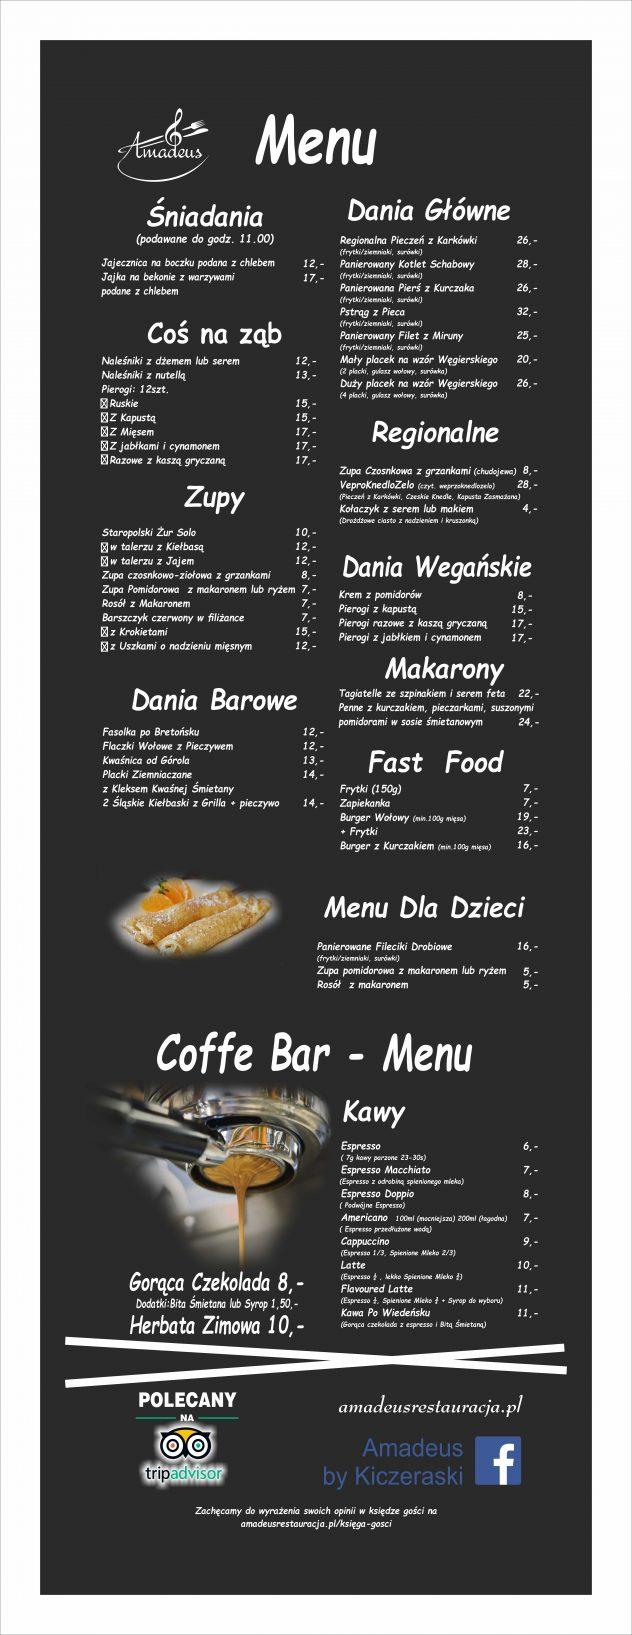 2019 menu gotowe